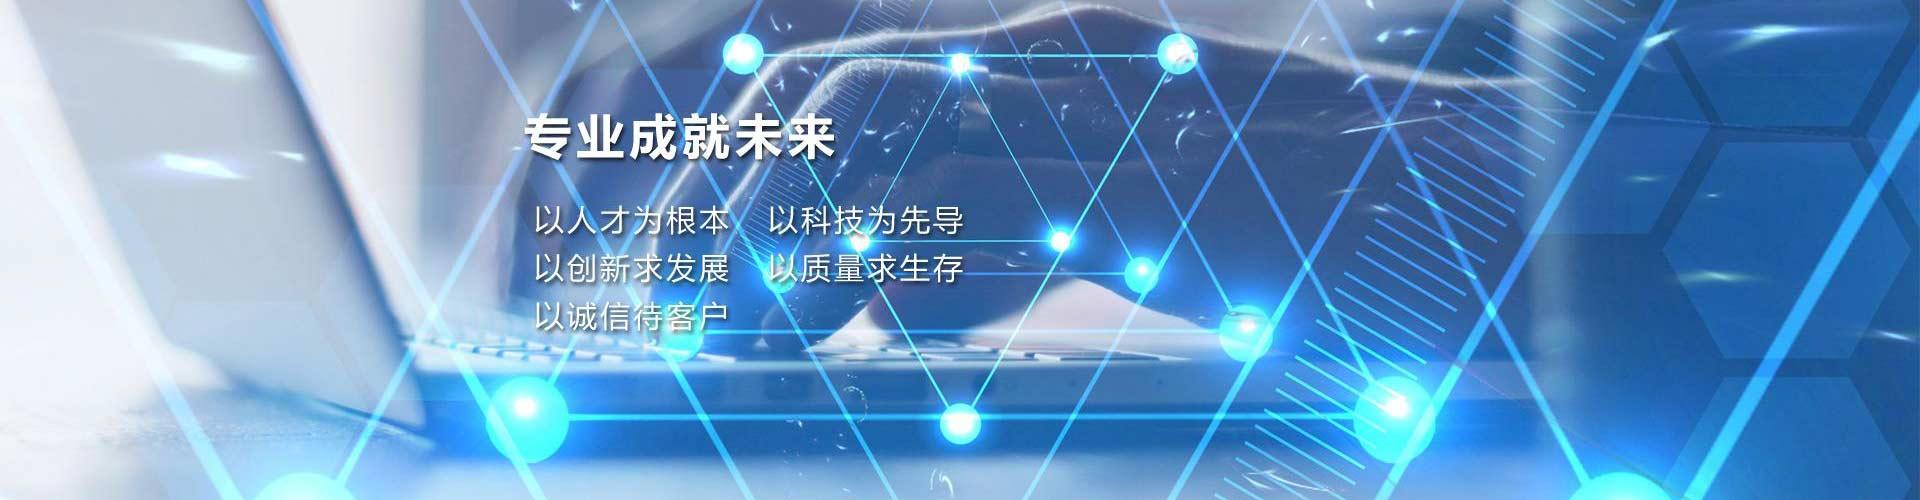 蒙城电动车配件批发-banner2